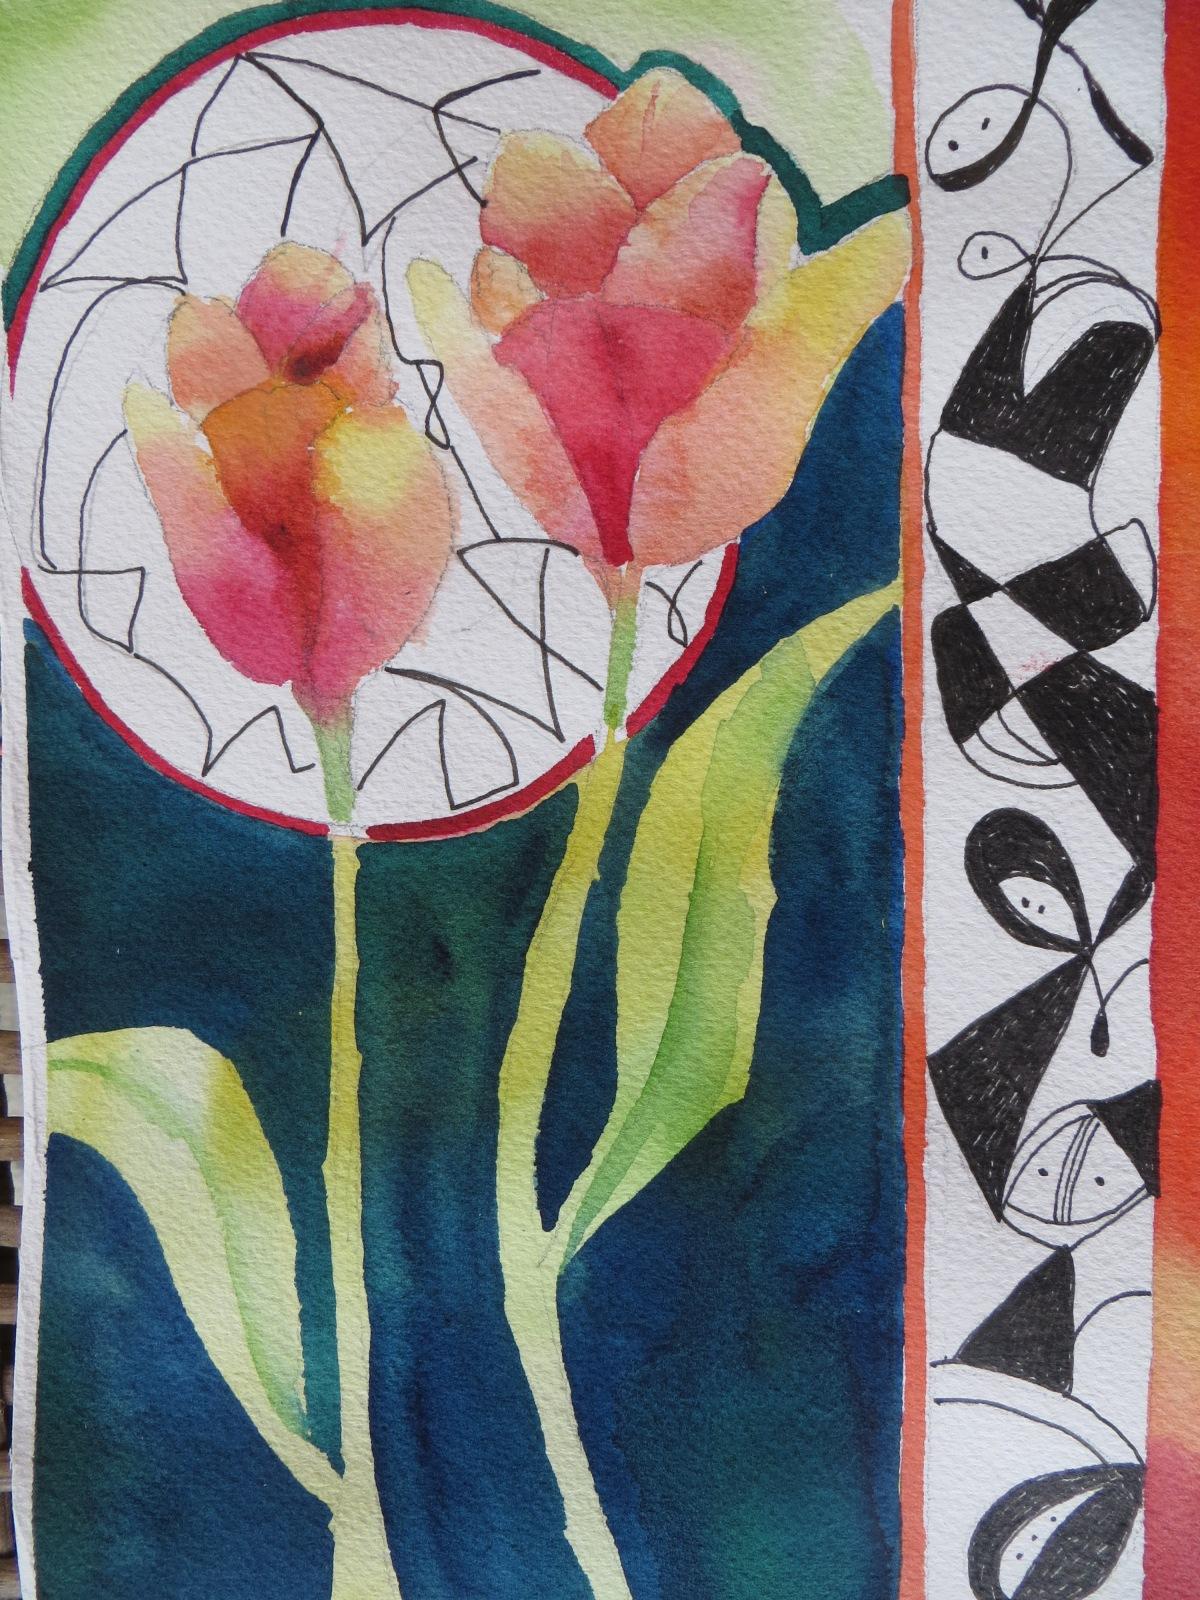 Day 3  My PaintingChallenge